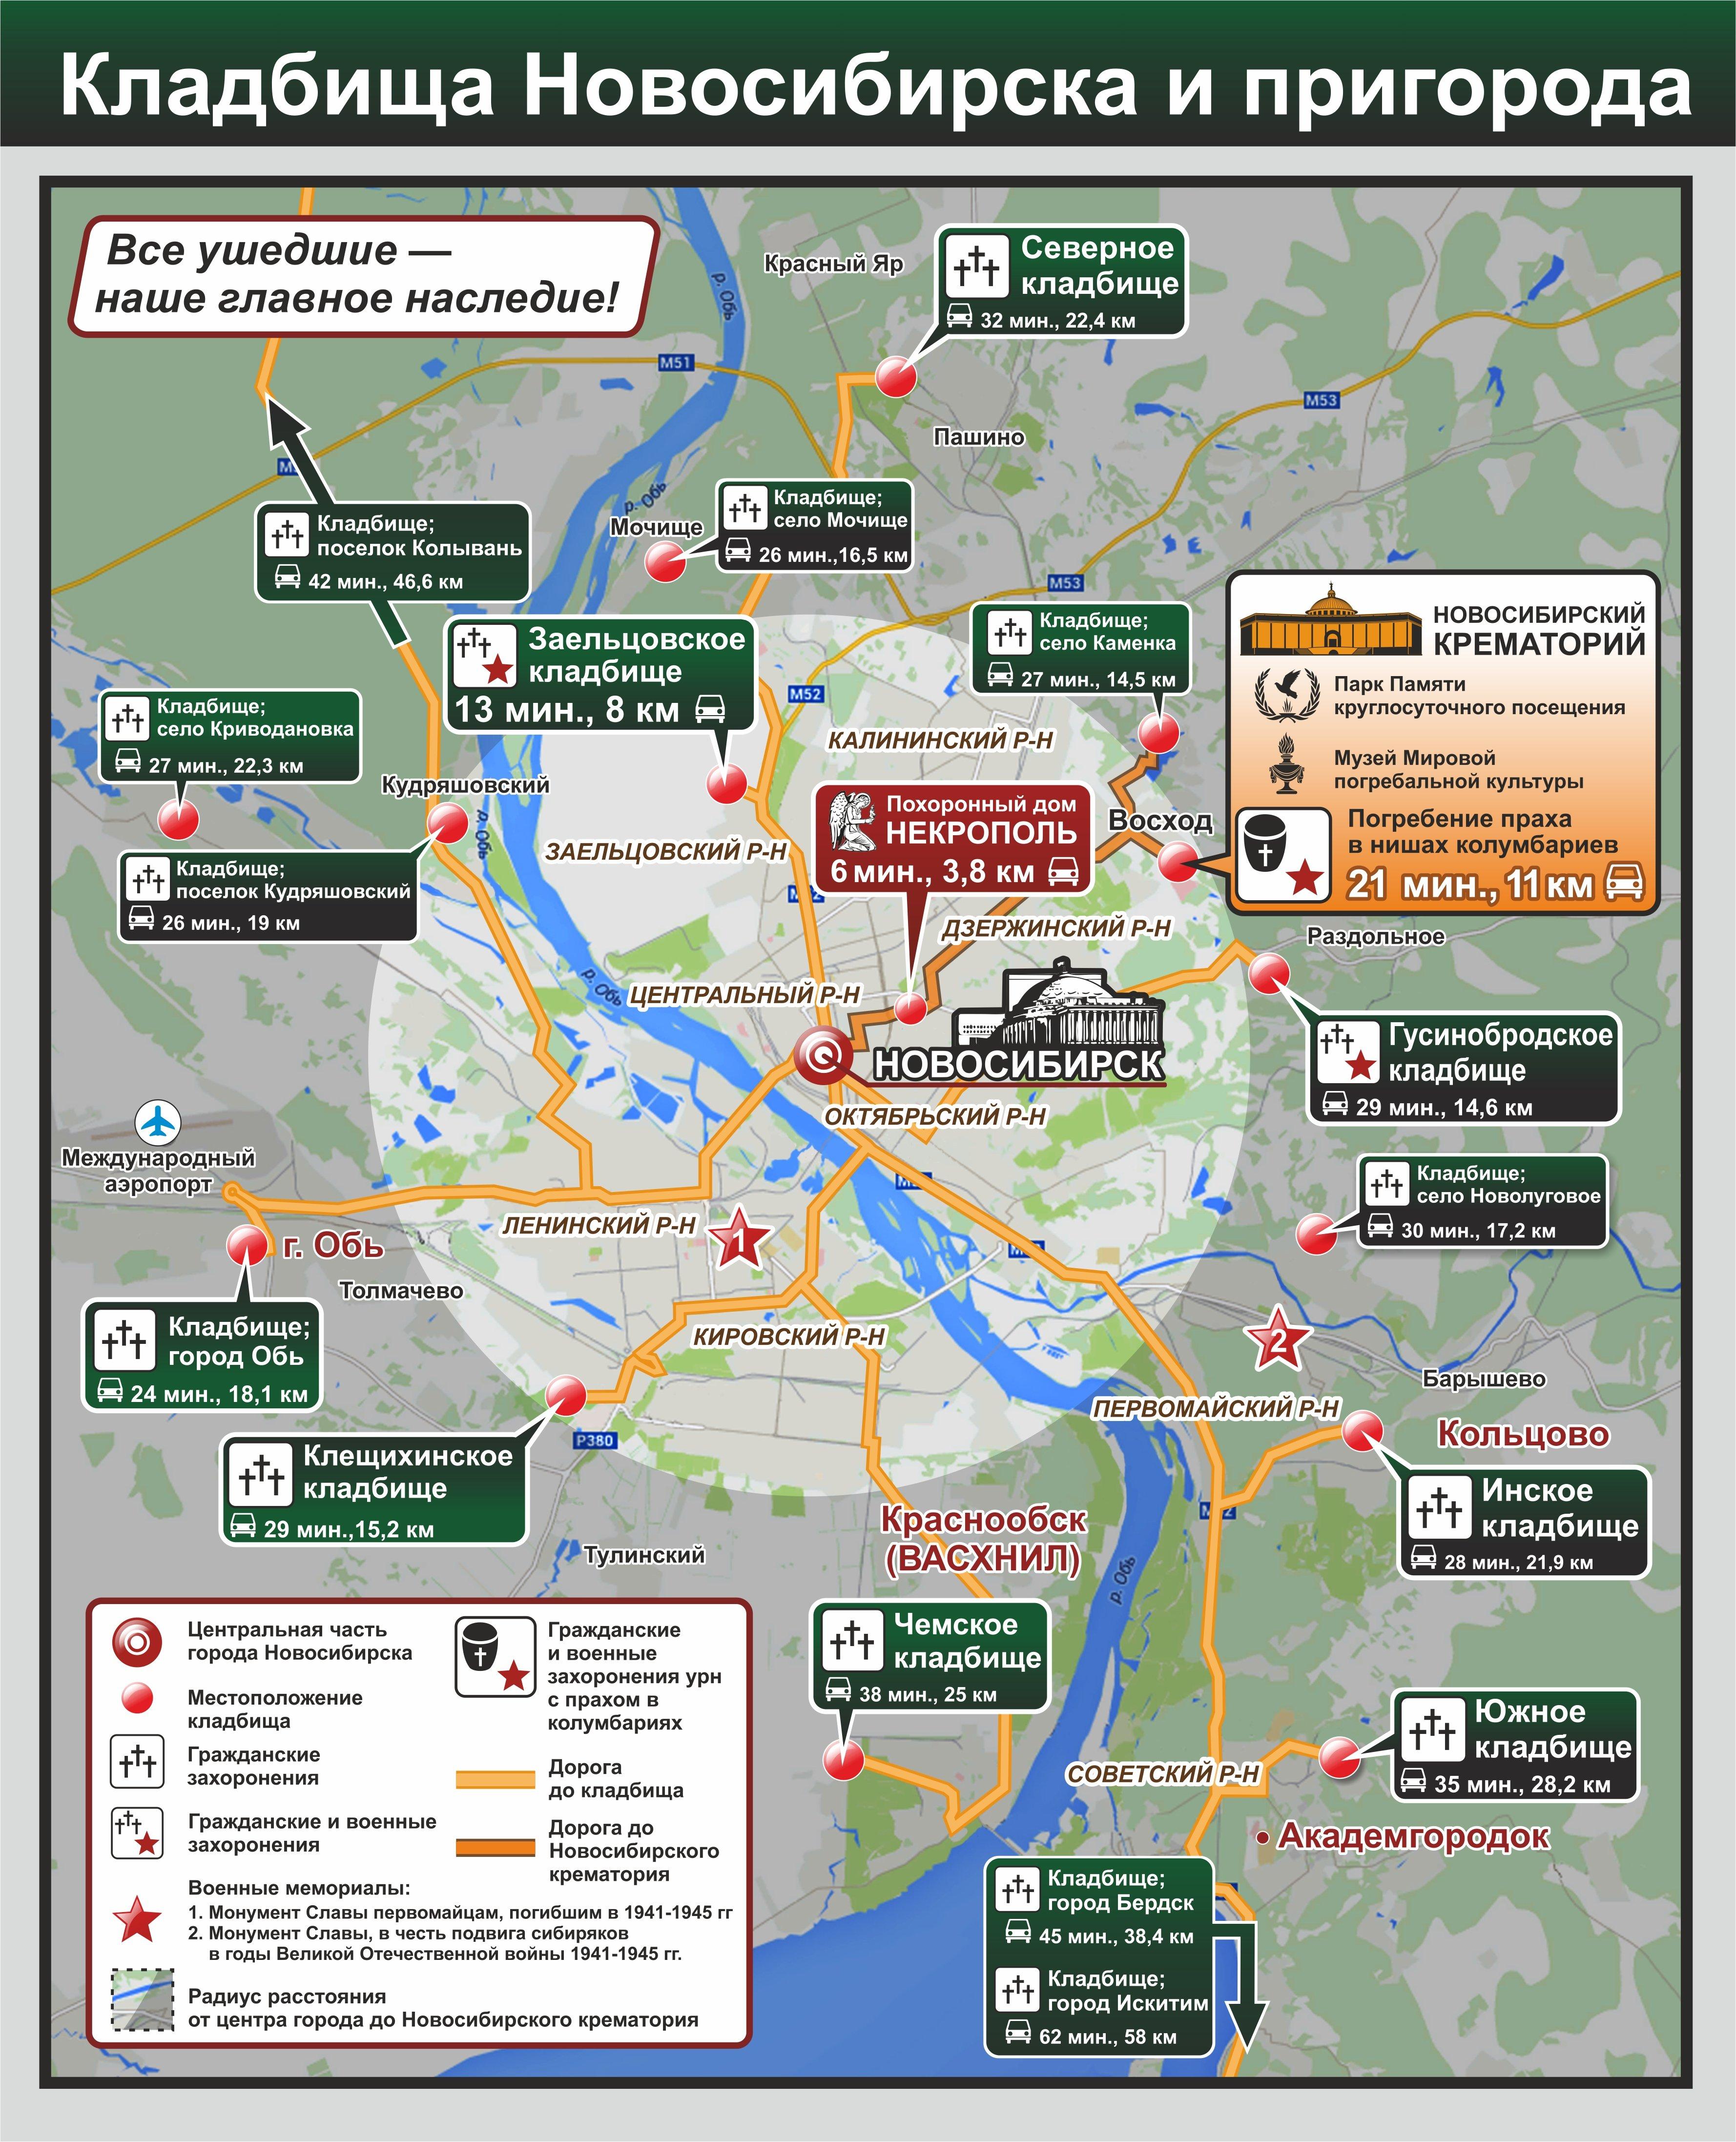 карта кладбищ Новосибирска